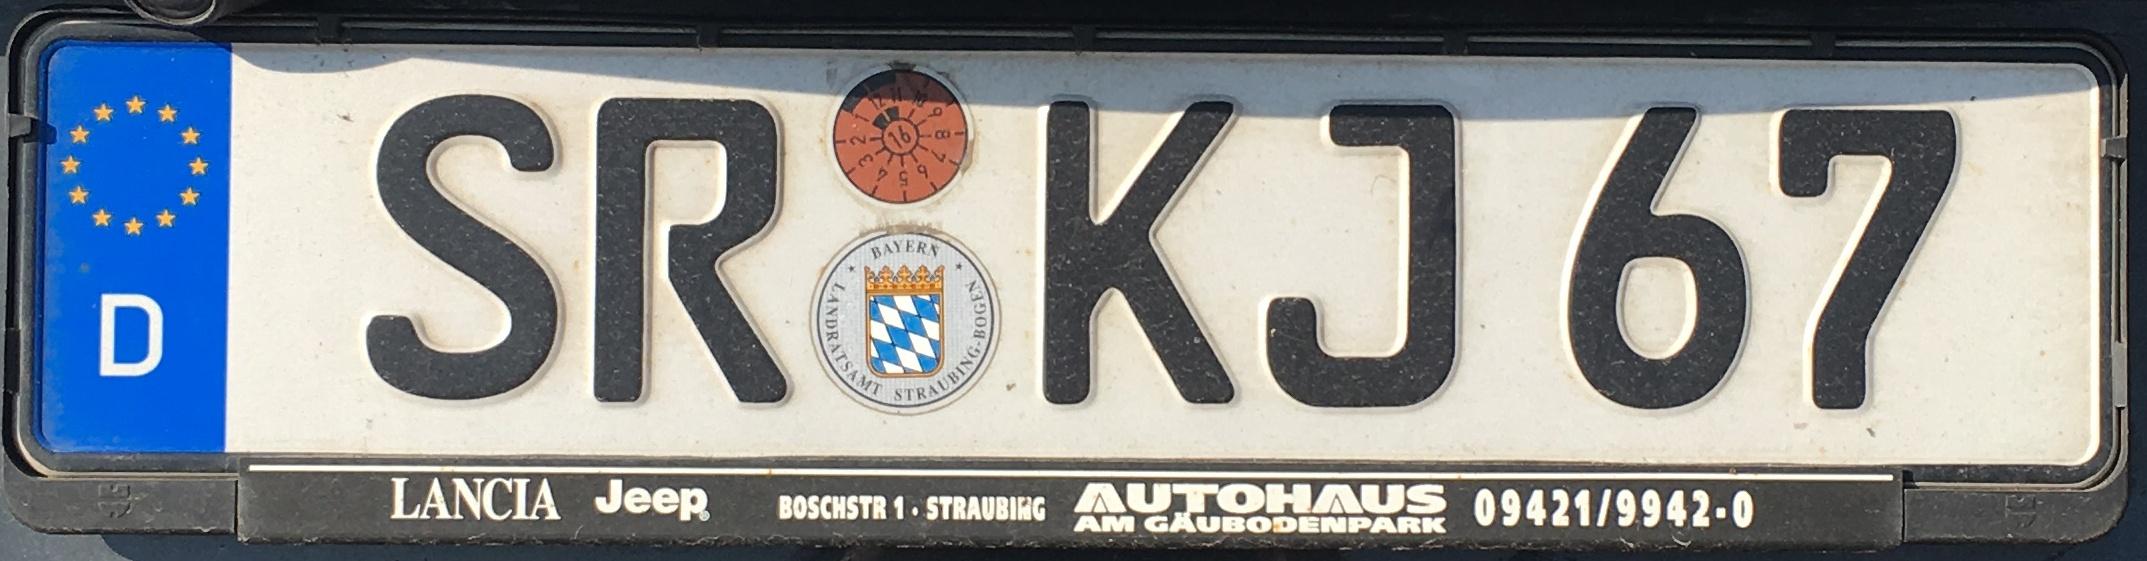 Registrační značky Německo - SR - Straubing-Bogen, foto: vlastní